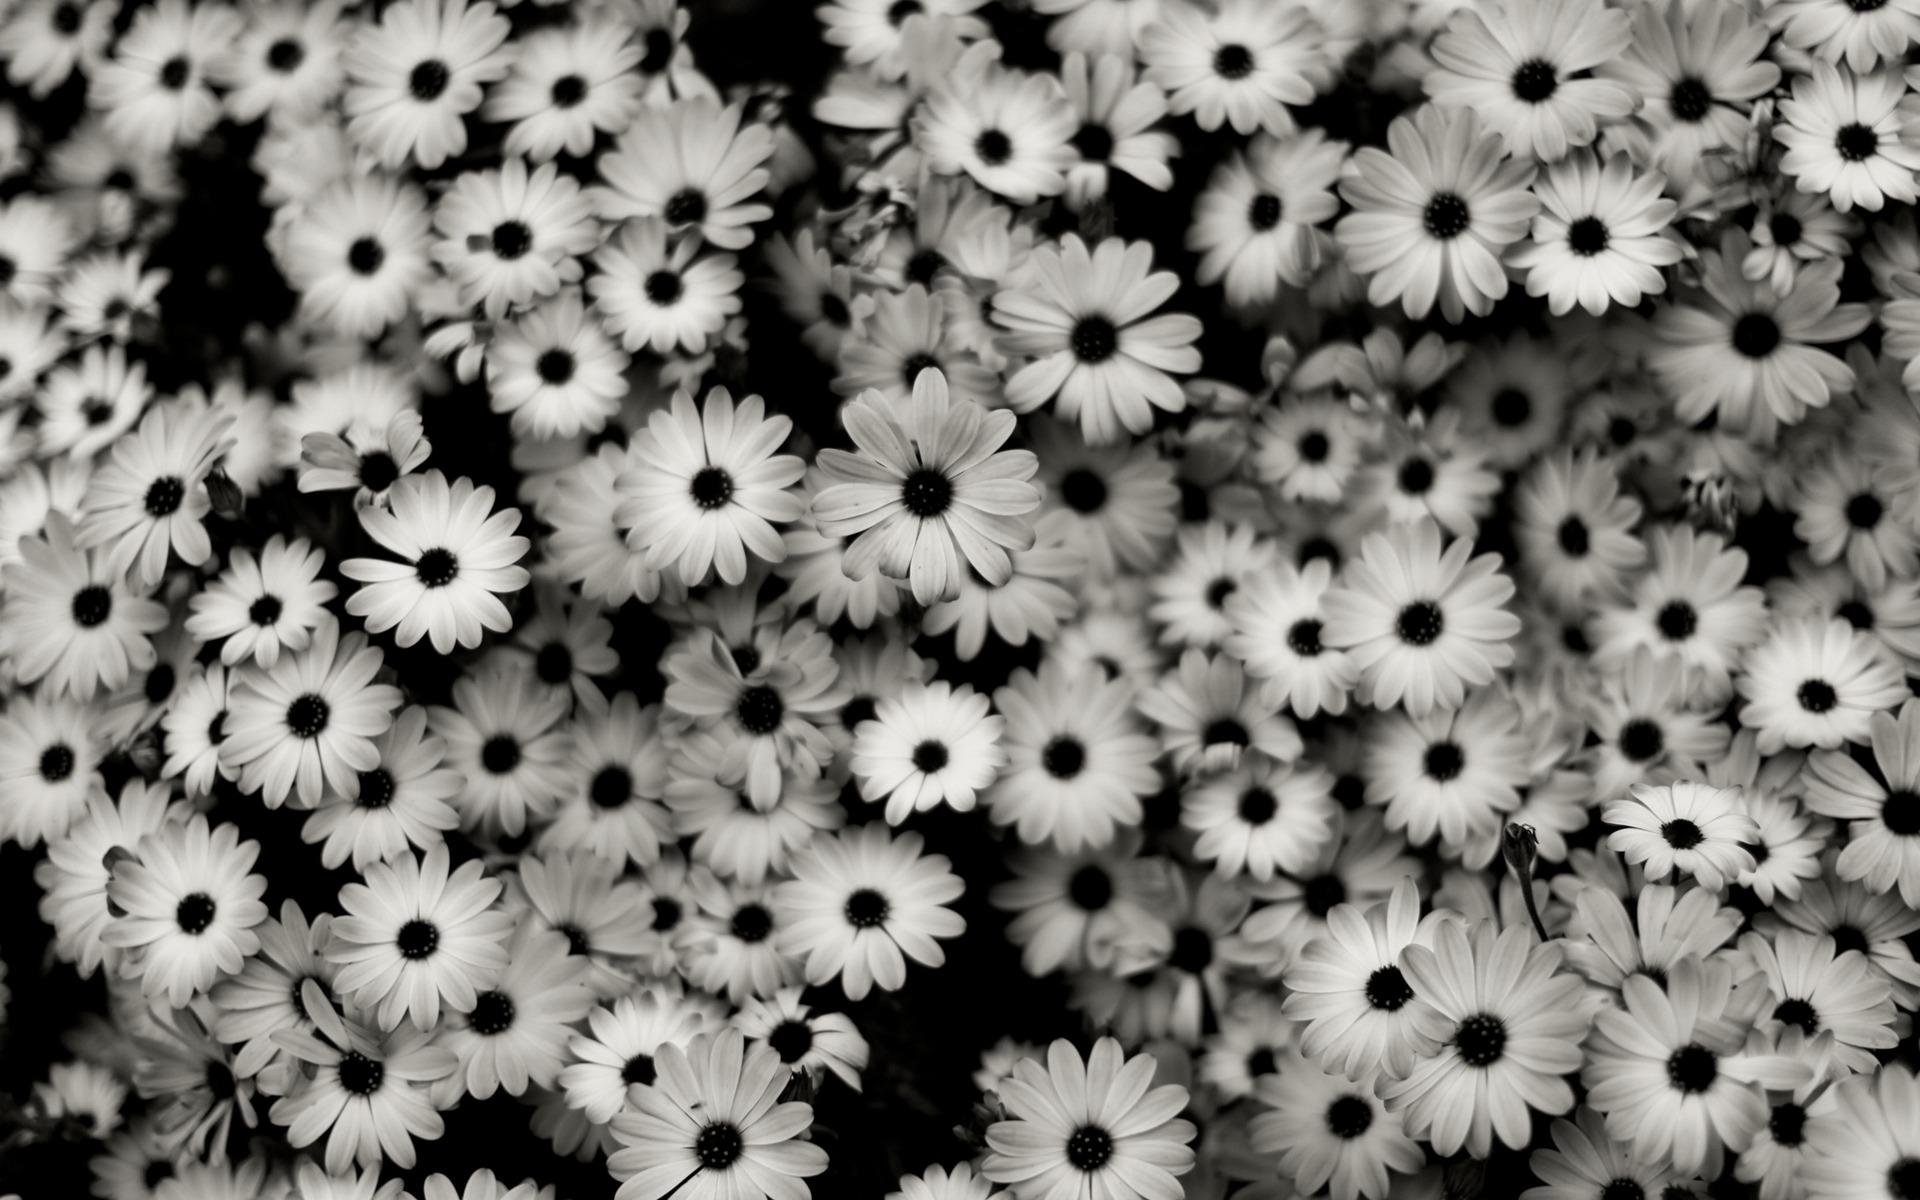 Hình ảnh bông hoa trắng đen